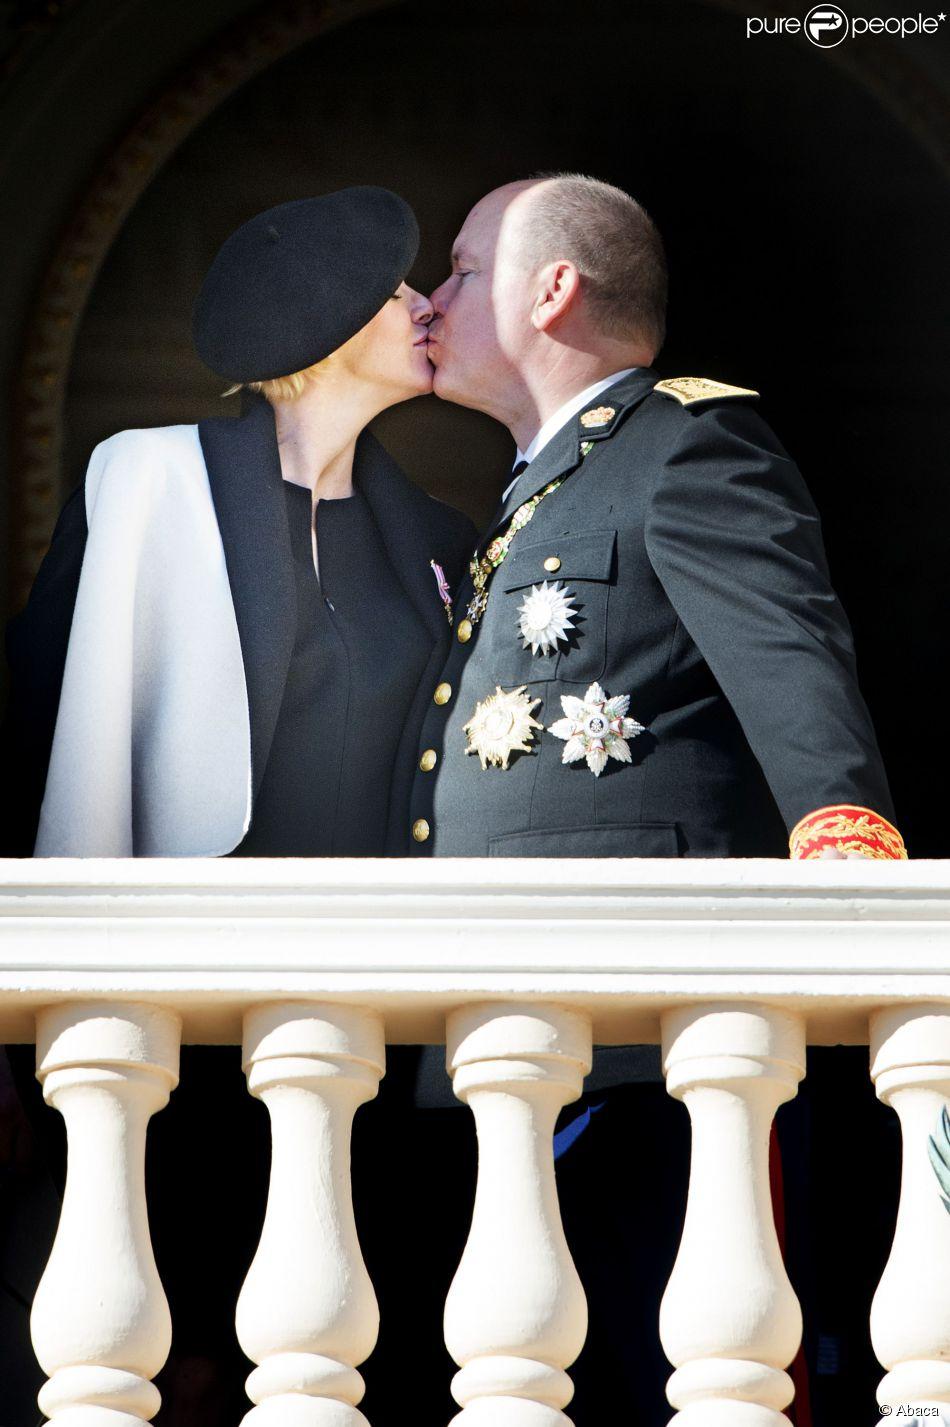 Le couple princier gratifie la foule d'un magnifique baiser. La princesse Charlene de Monaco, enceinte de jumeaux dont la naissance est attendue mi-décembre, est apparue au côté du prince Albert II au balcon du palais princier le 19 novembre 2014 lors de la célébration de la Fête nationale monégasque.